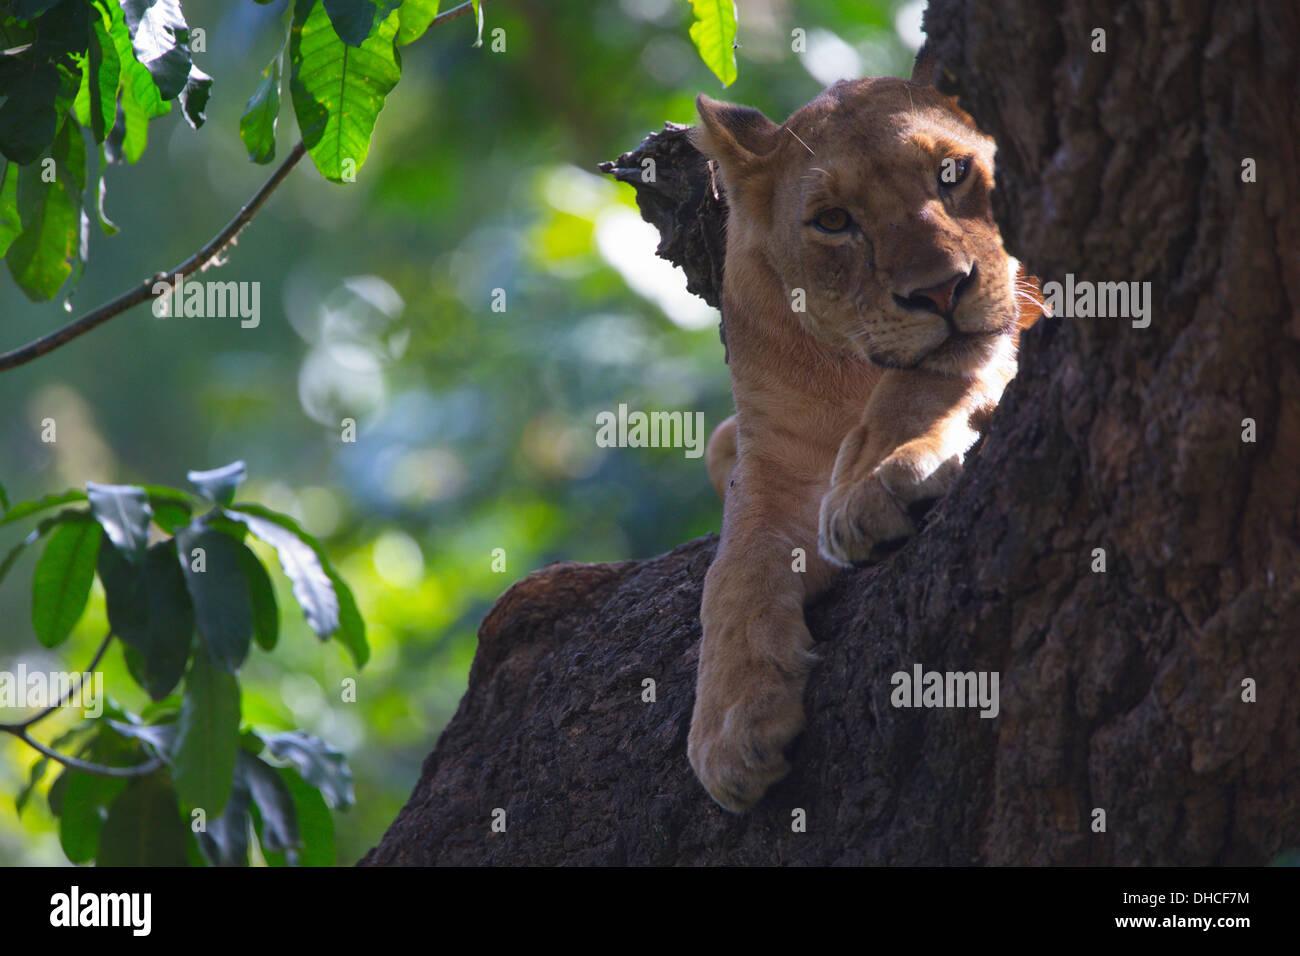 African Lion resting in tree. Lake Manyara National Park. Panthera leo. Tanzania, Africa. King of the Jungle. Mane. Pride. - Stock Image